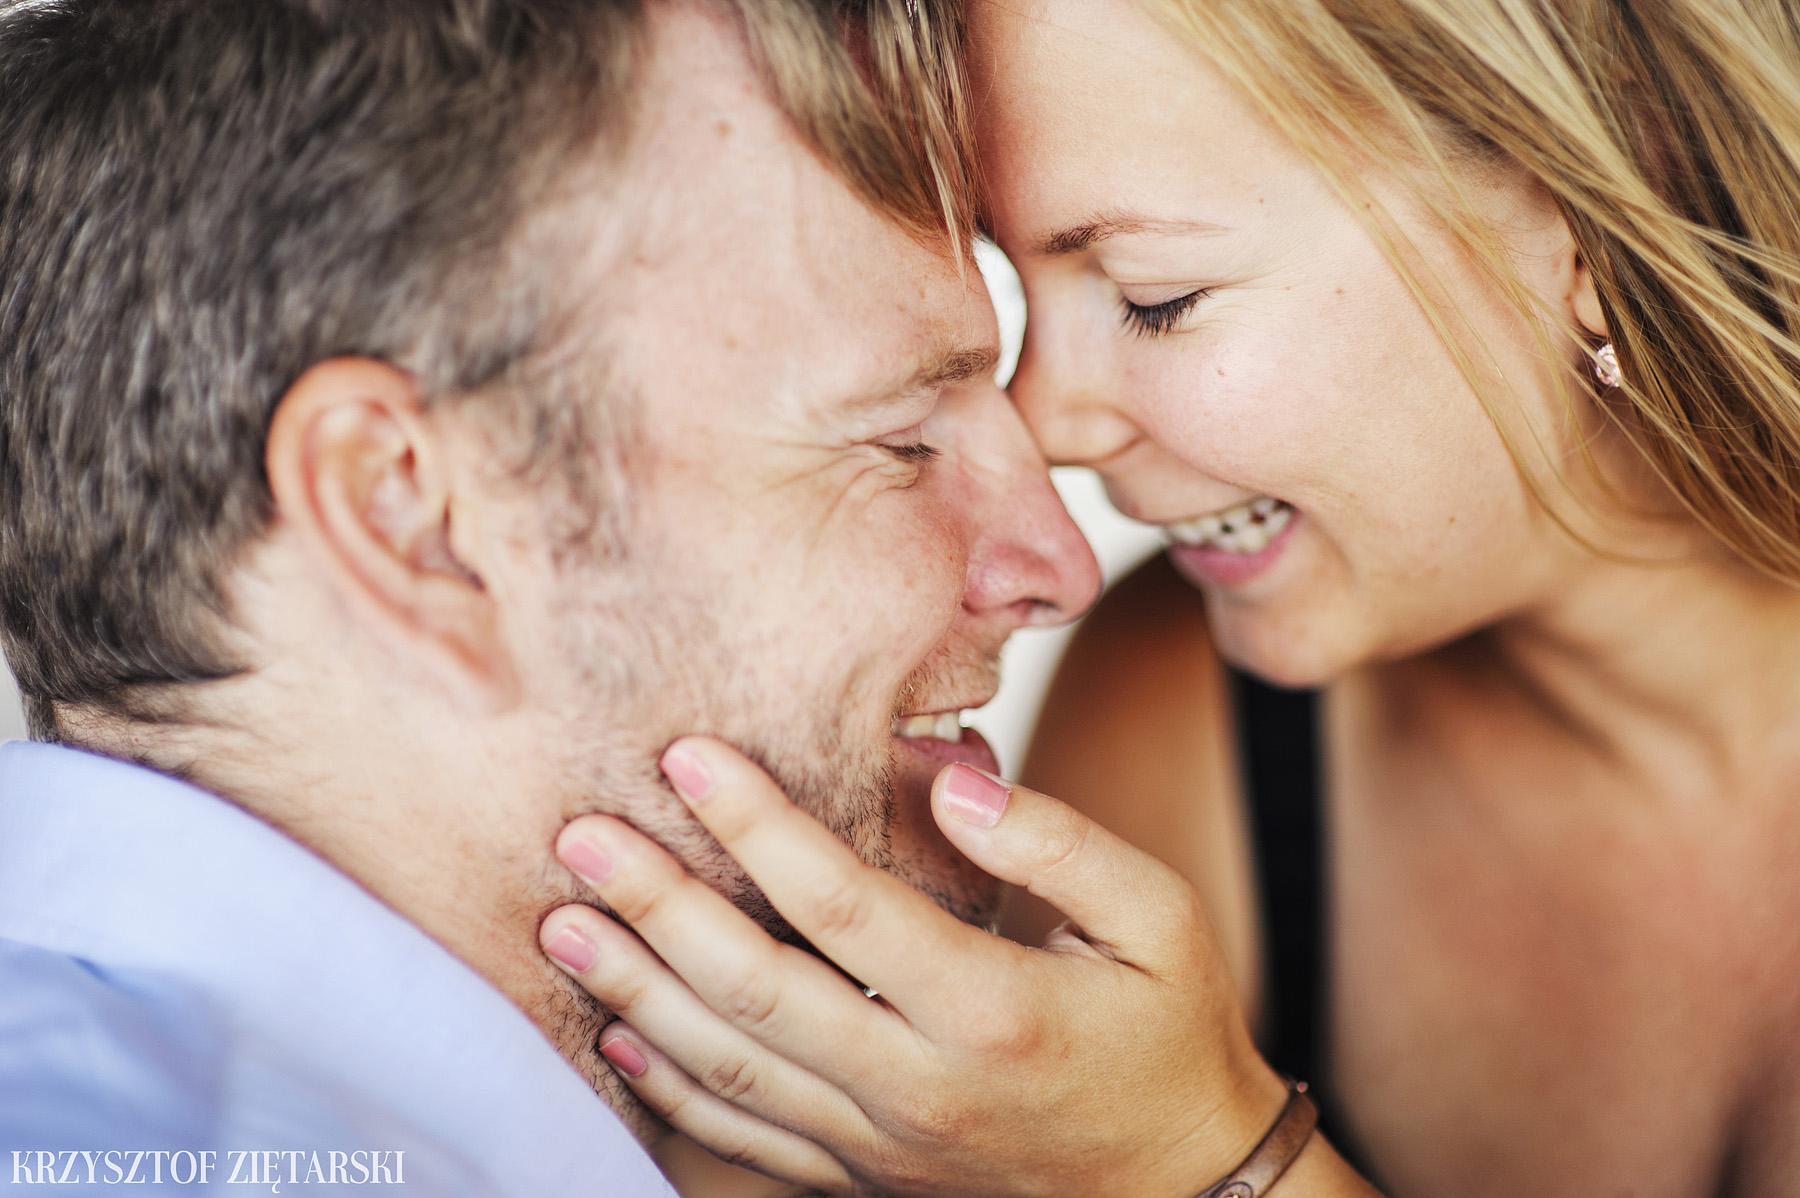 Ania i Mikkel - sesja fotograficzna na rocznicę ślubu w Sopocie, prezent na rocznicę ślubu - 12.